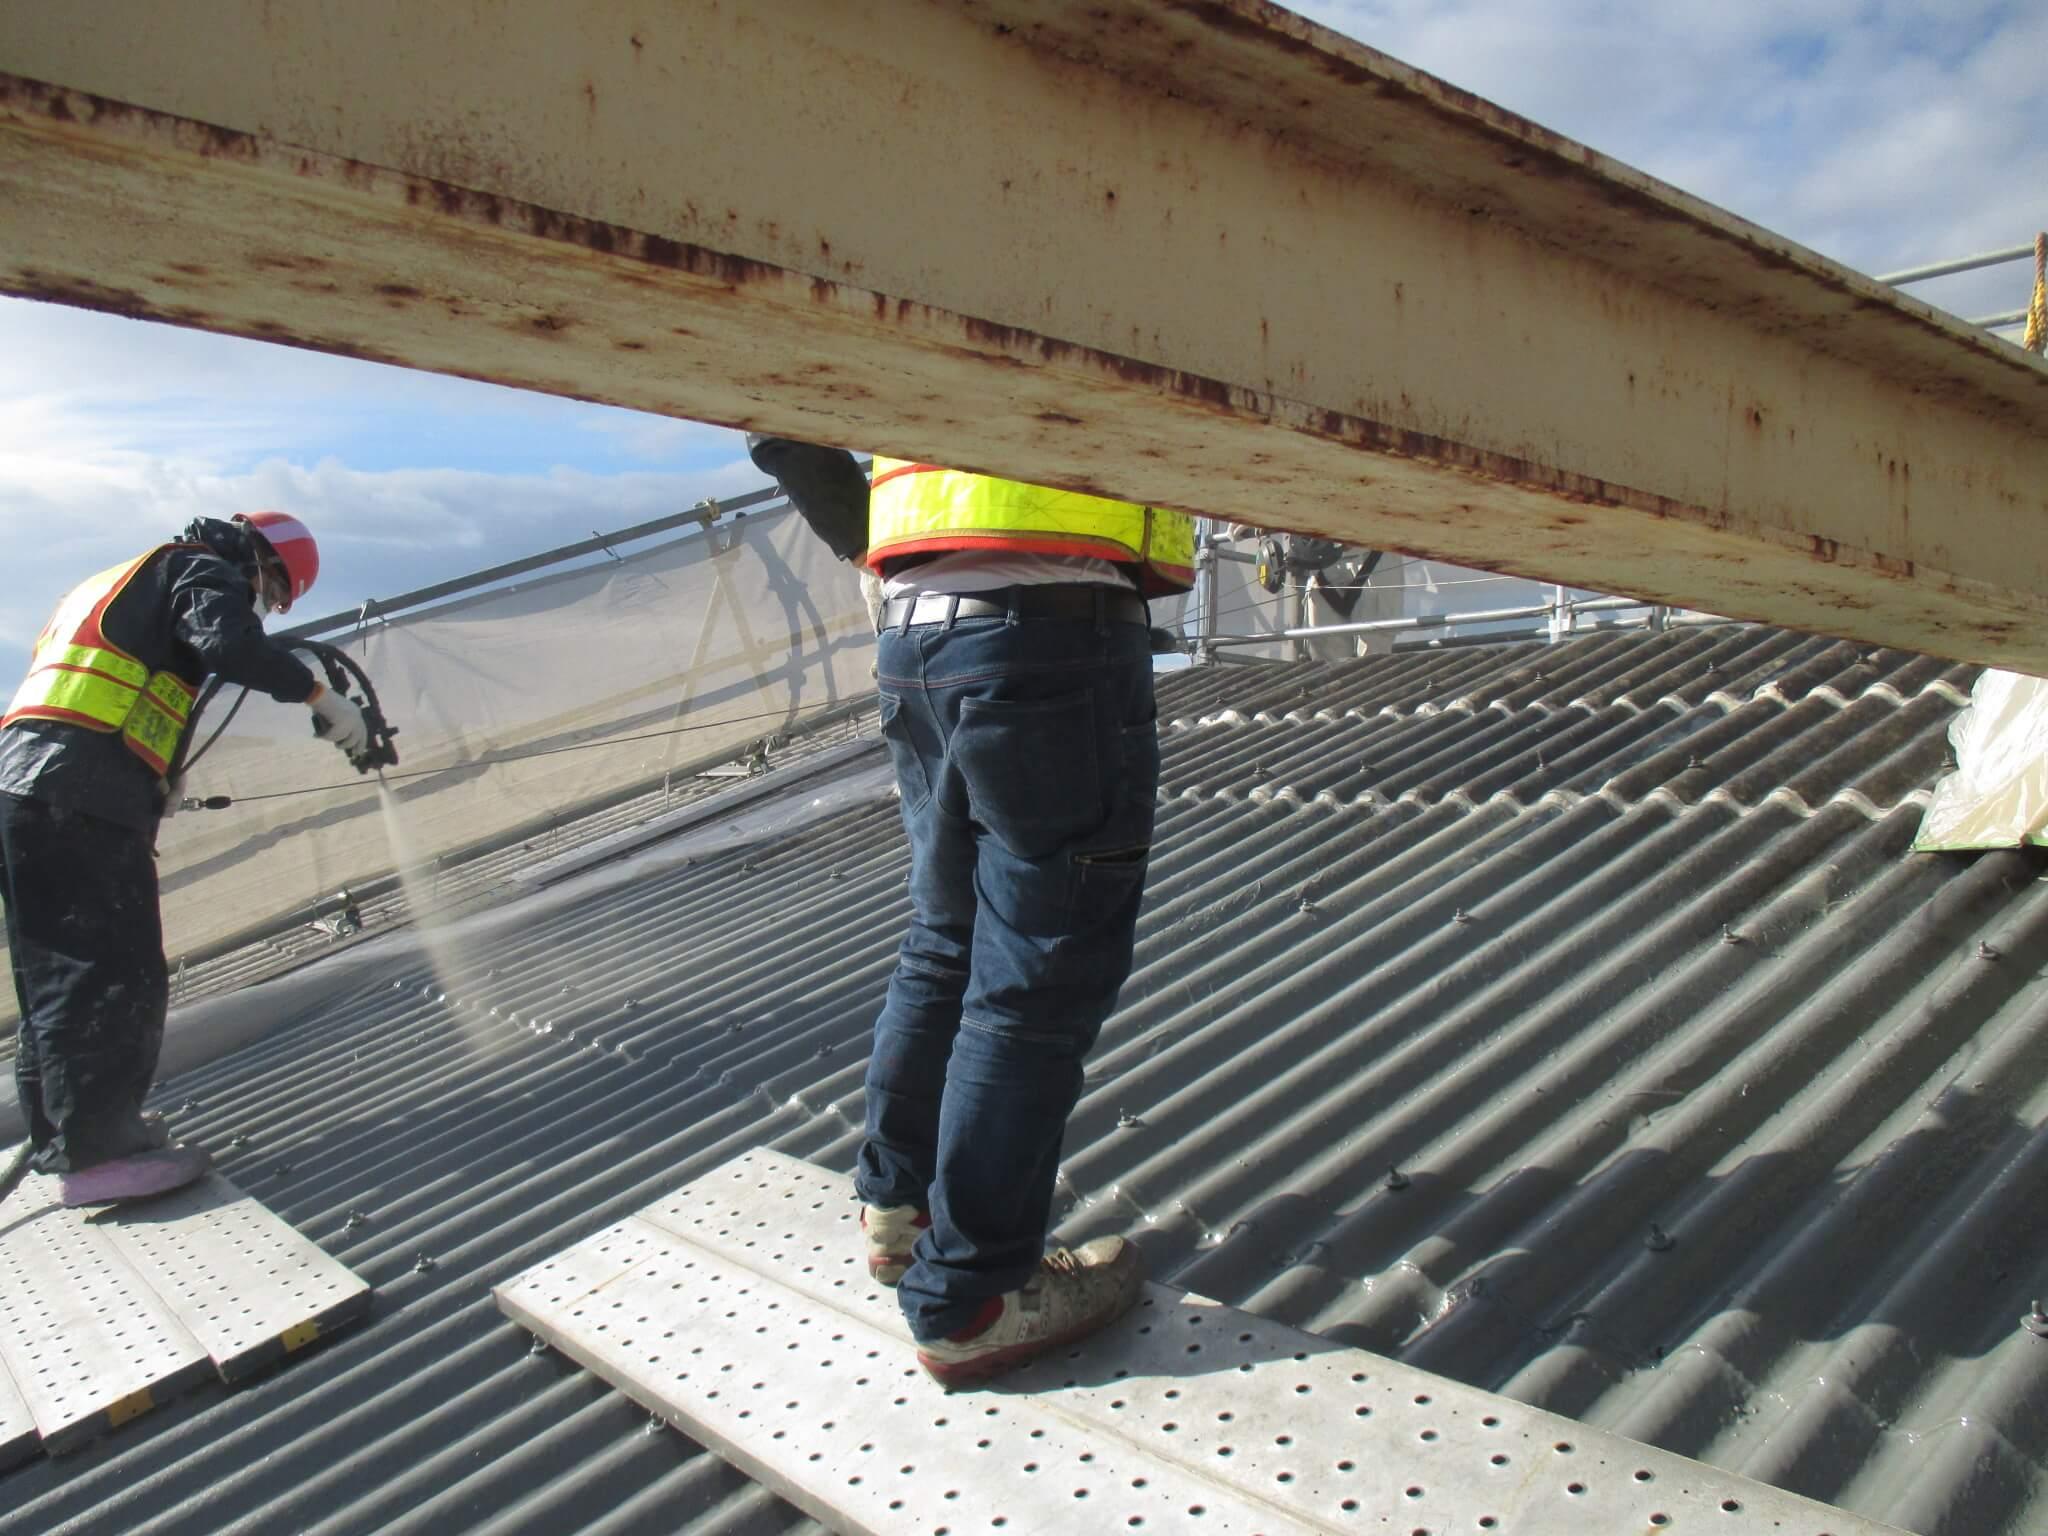 ポリウレア施工実績 自動車工場 スレート屋根ライニング(補強・防水)NUKOTEポリウレアST